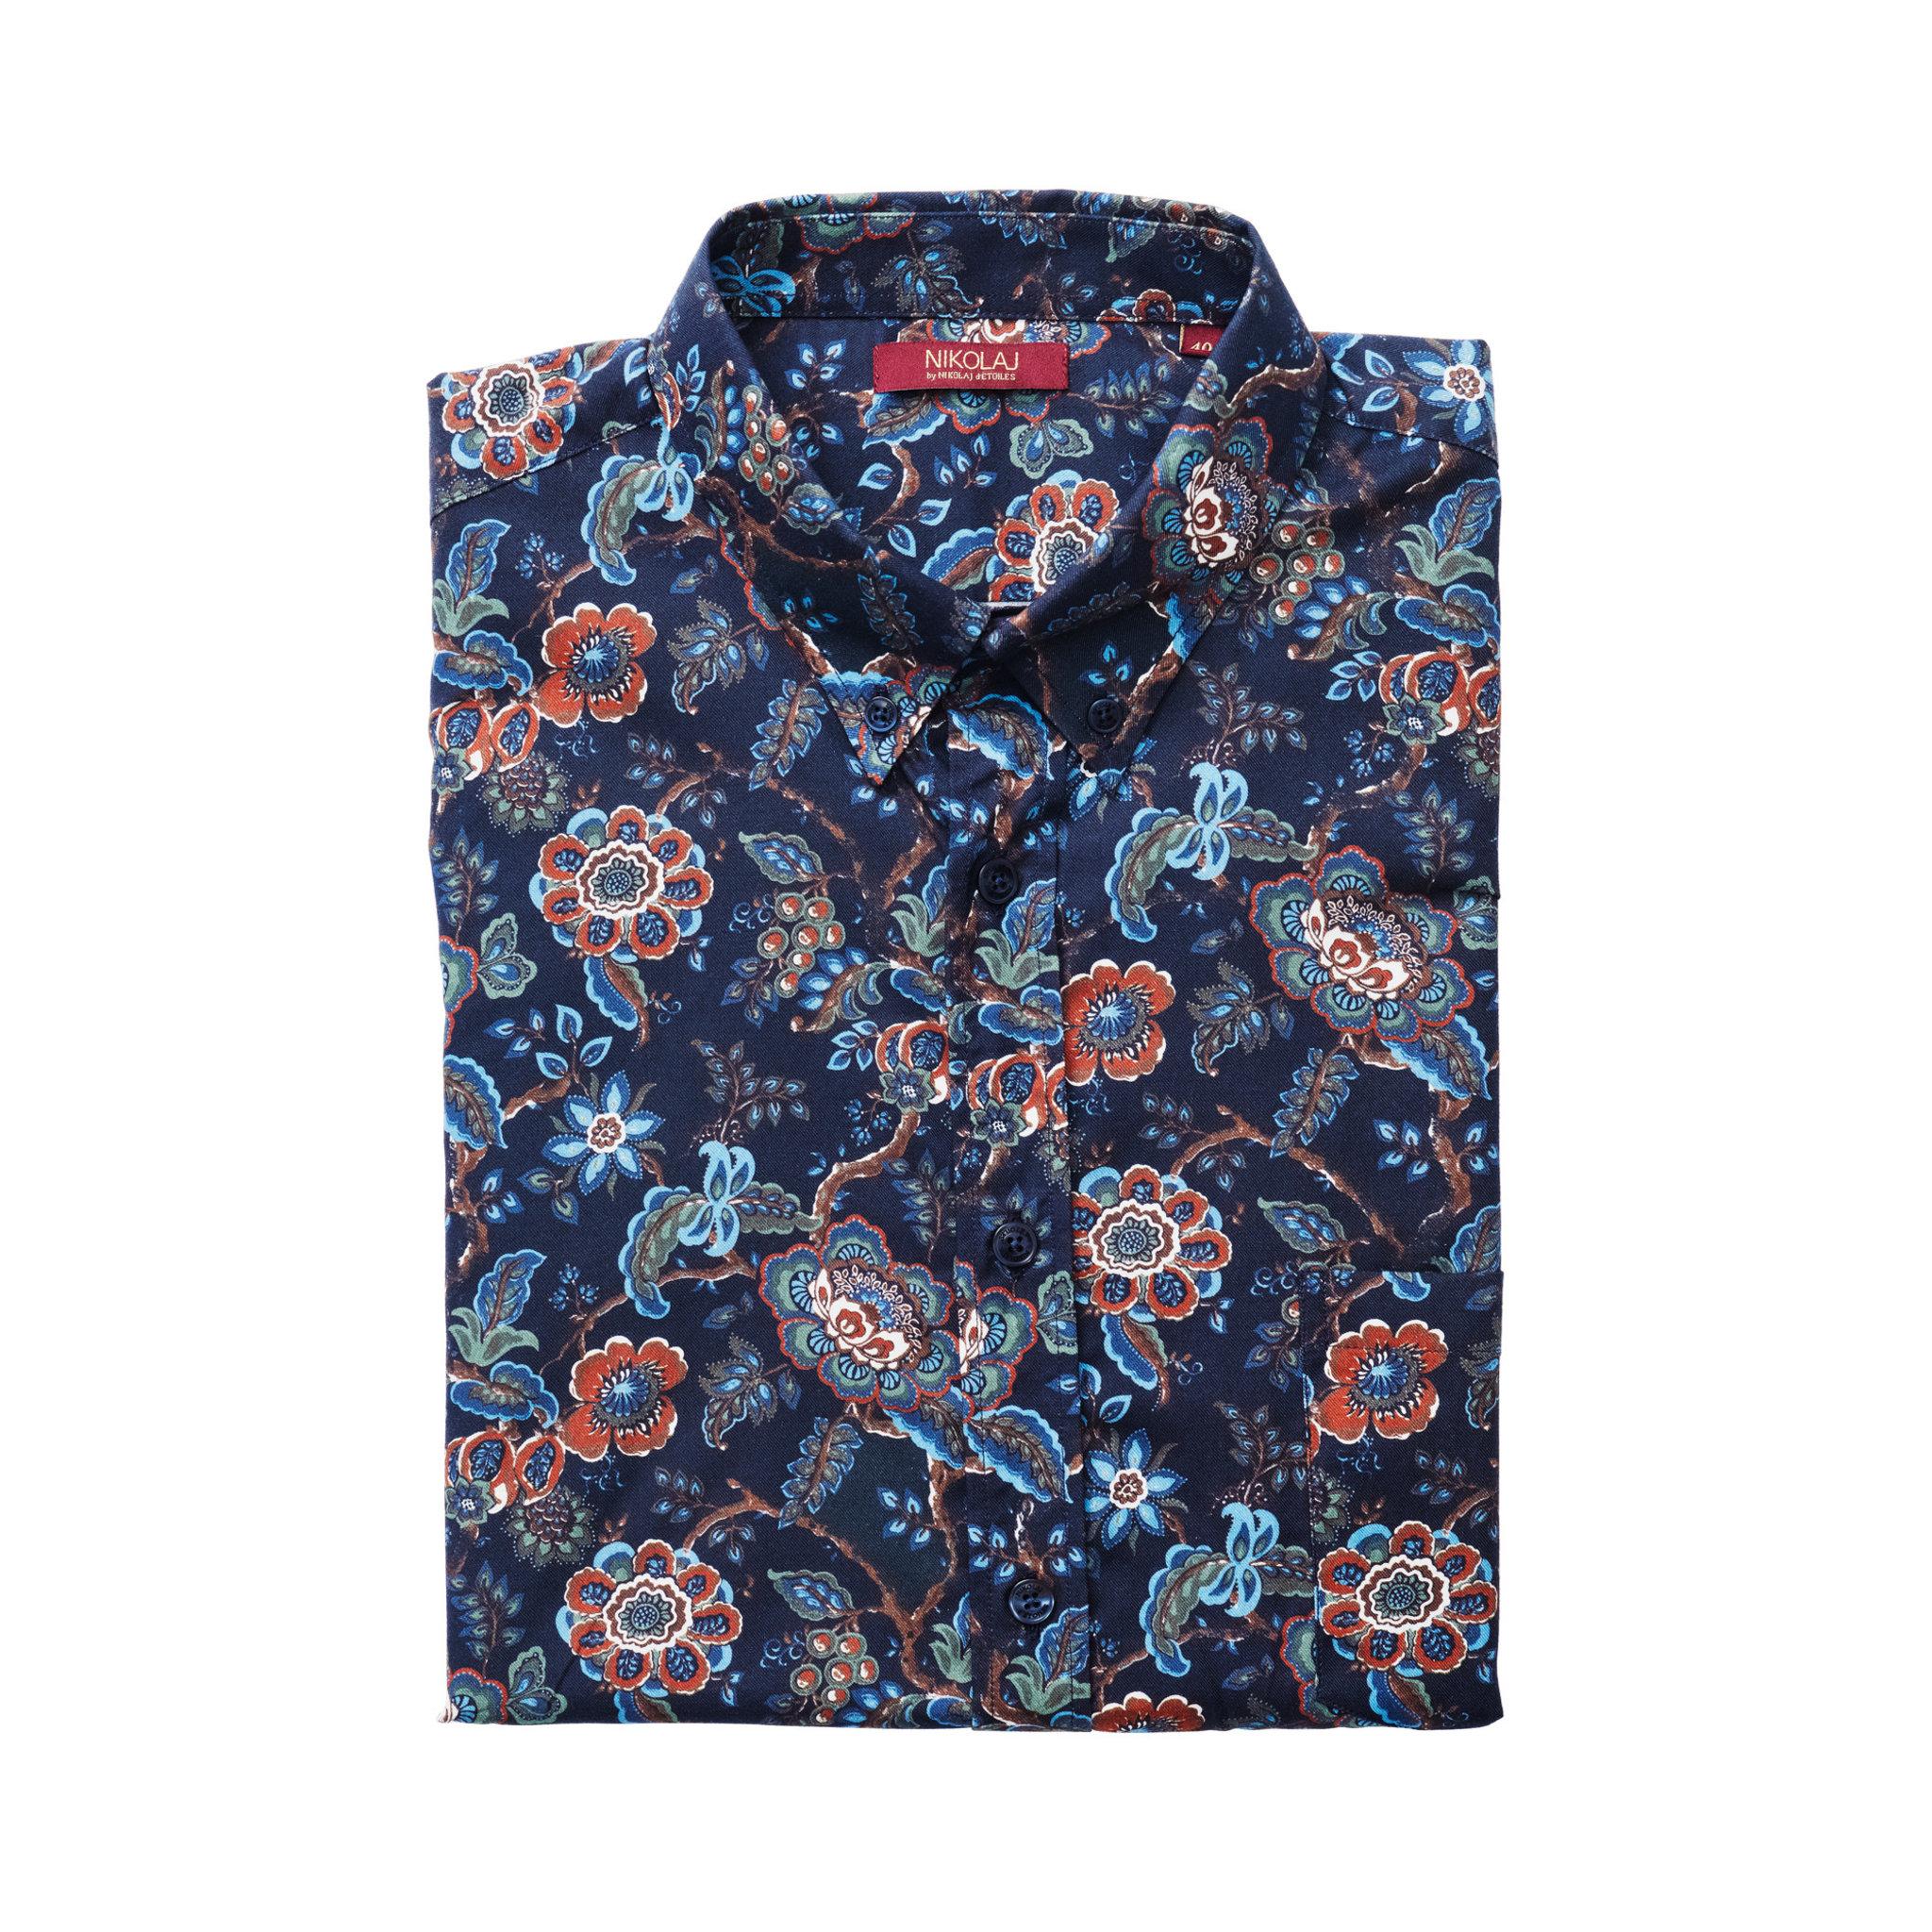 Paisley Patterned Soft Flanell Shirt - Skjortor - Köp online på åhlens.se! 1d7c6671fe41a